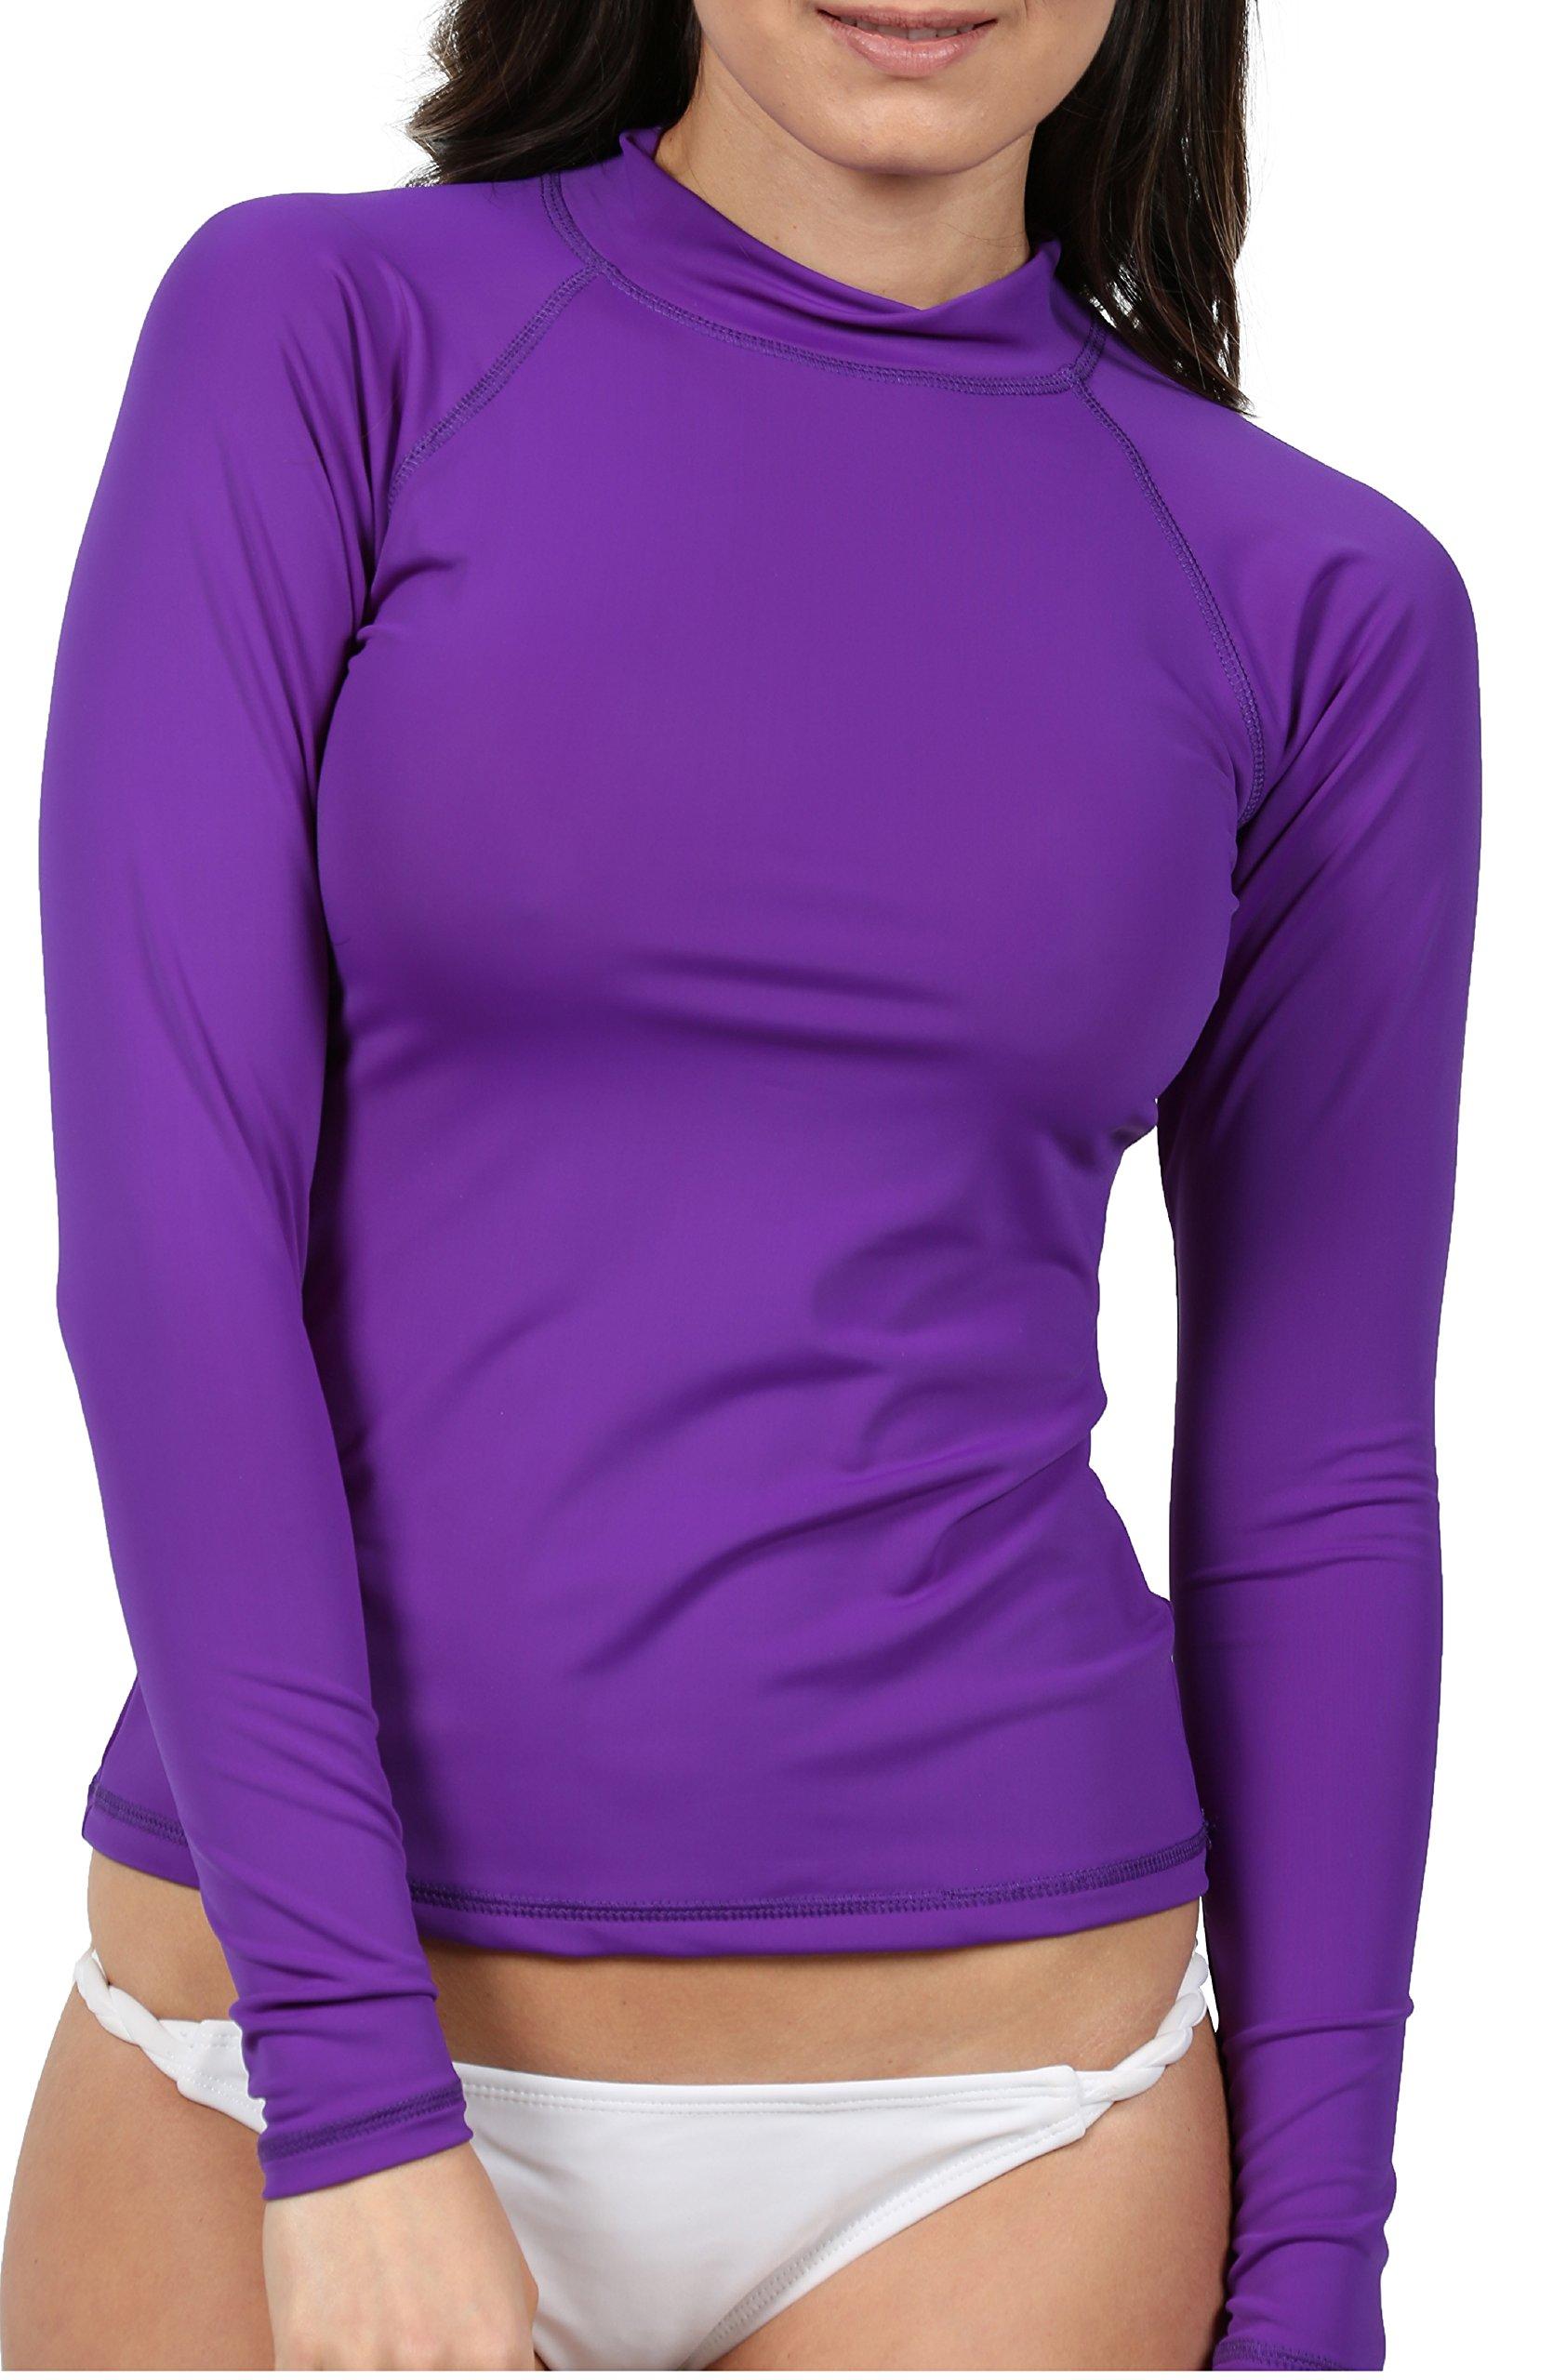 Ingear Ladies Rash Guard Made in USA (Small, Seafoam) (XXlarge, Purple)